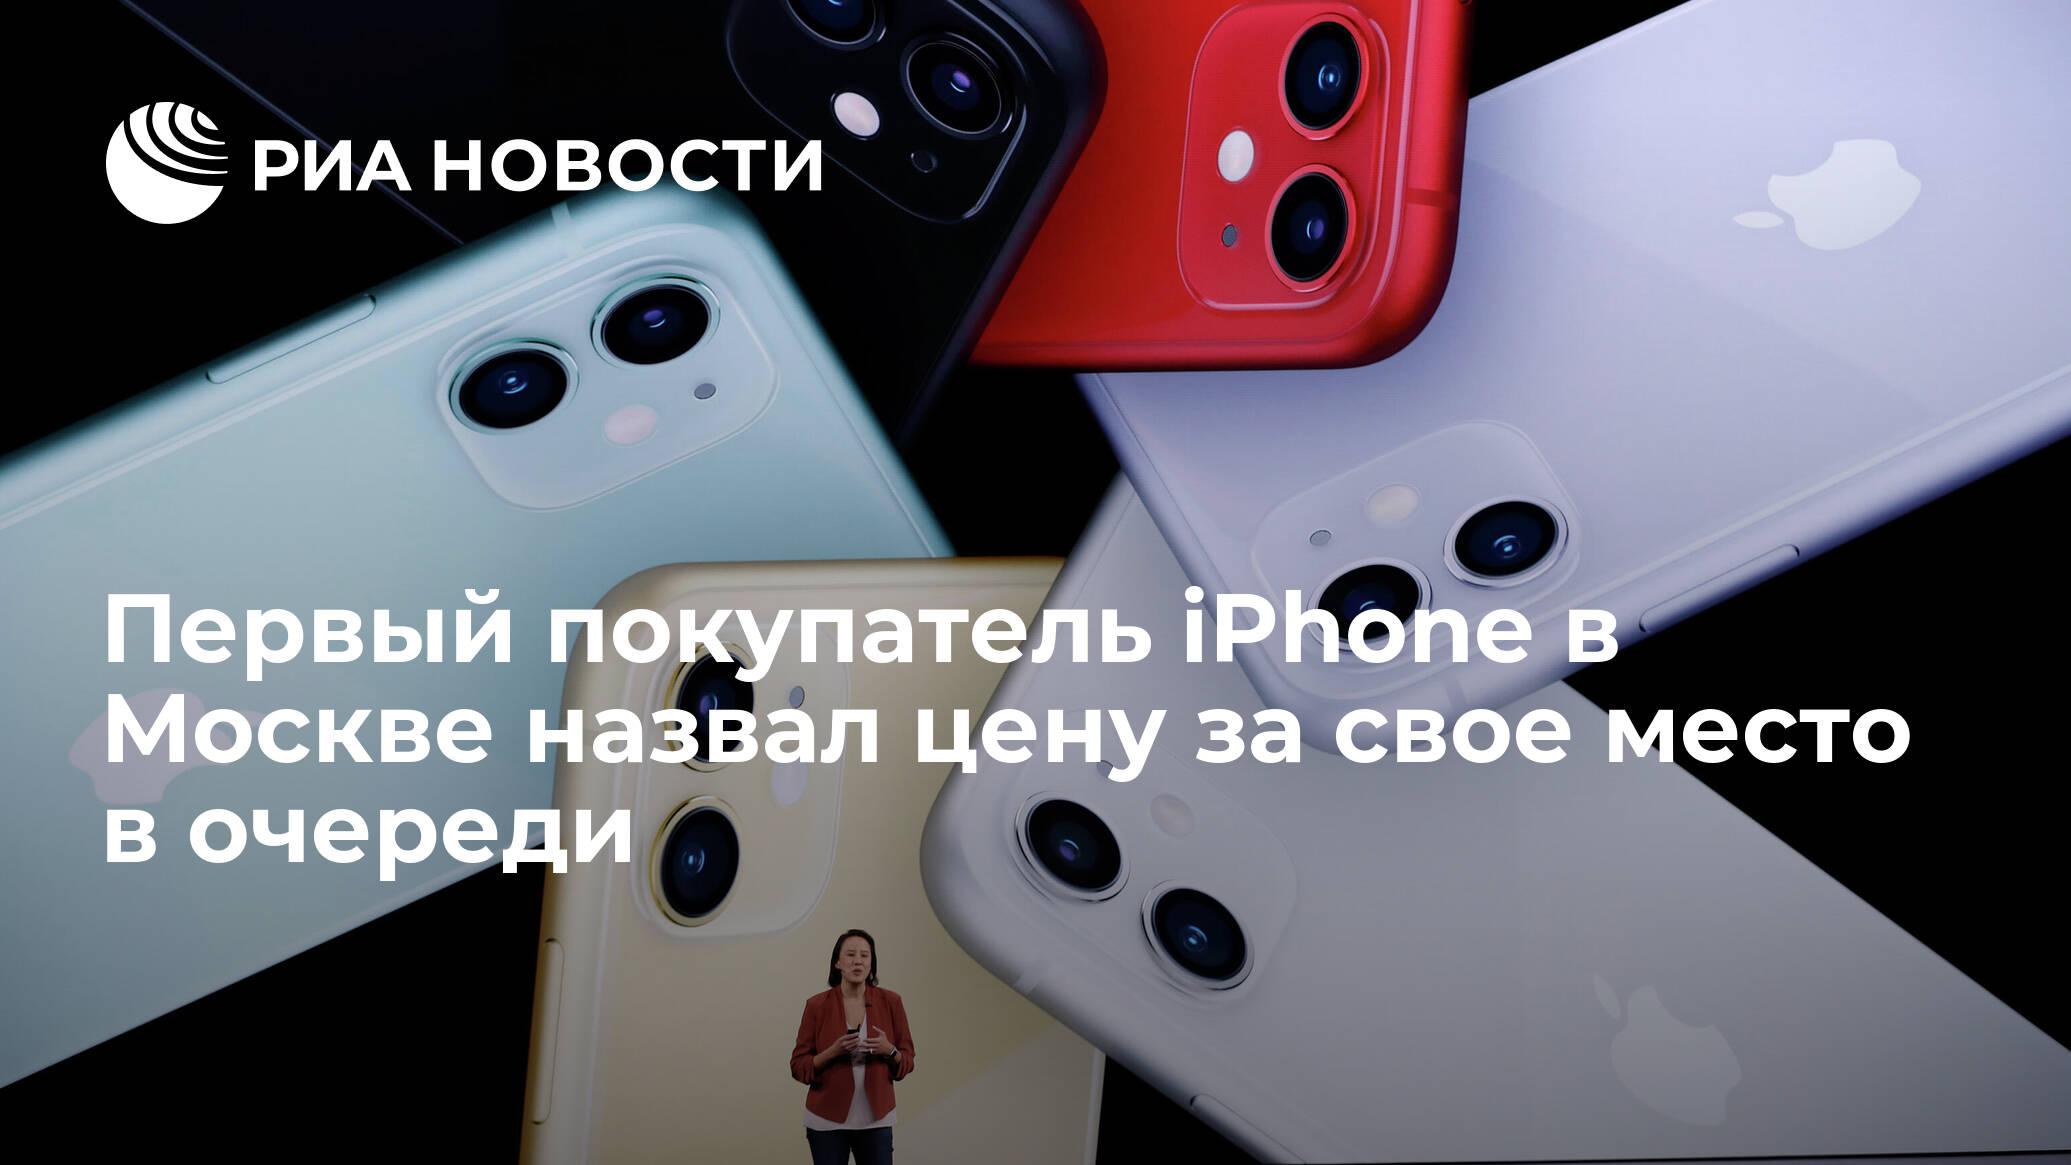 Первый покупатель iPhone в Москве назвал цену за свое место в очереди